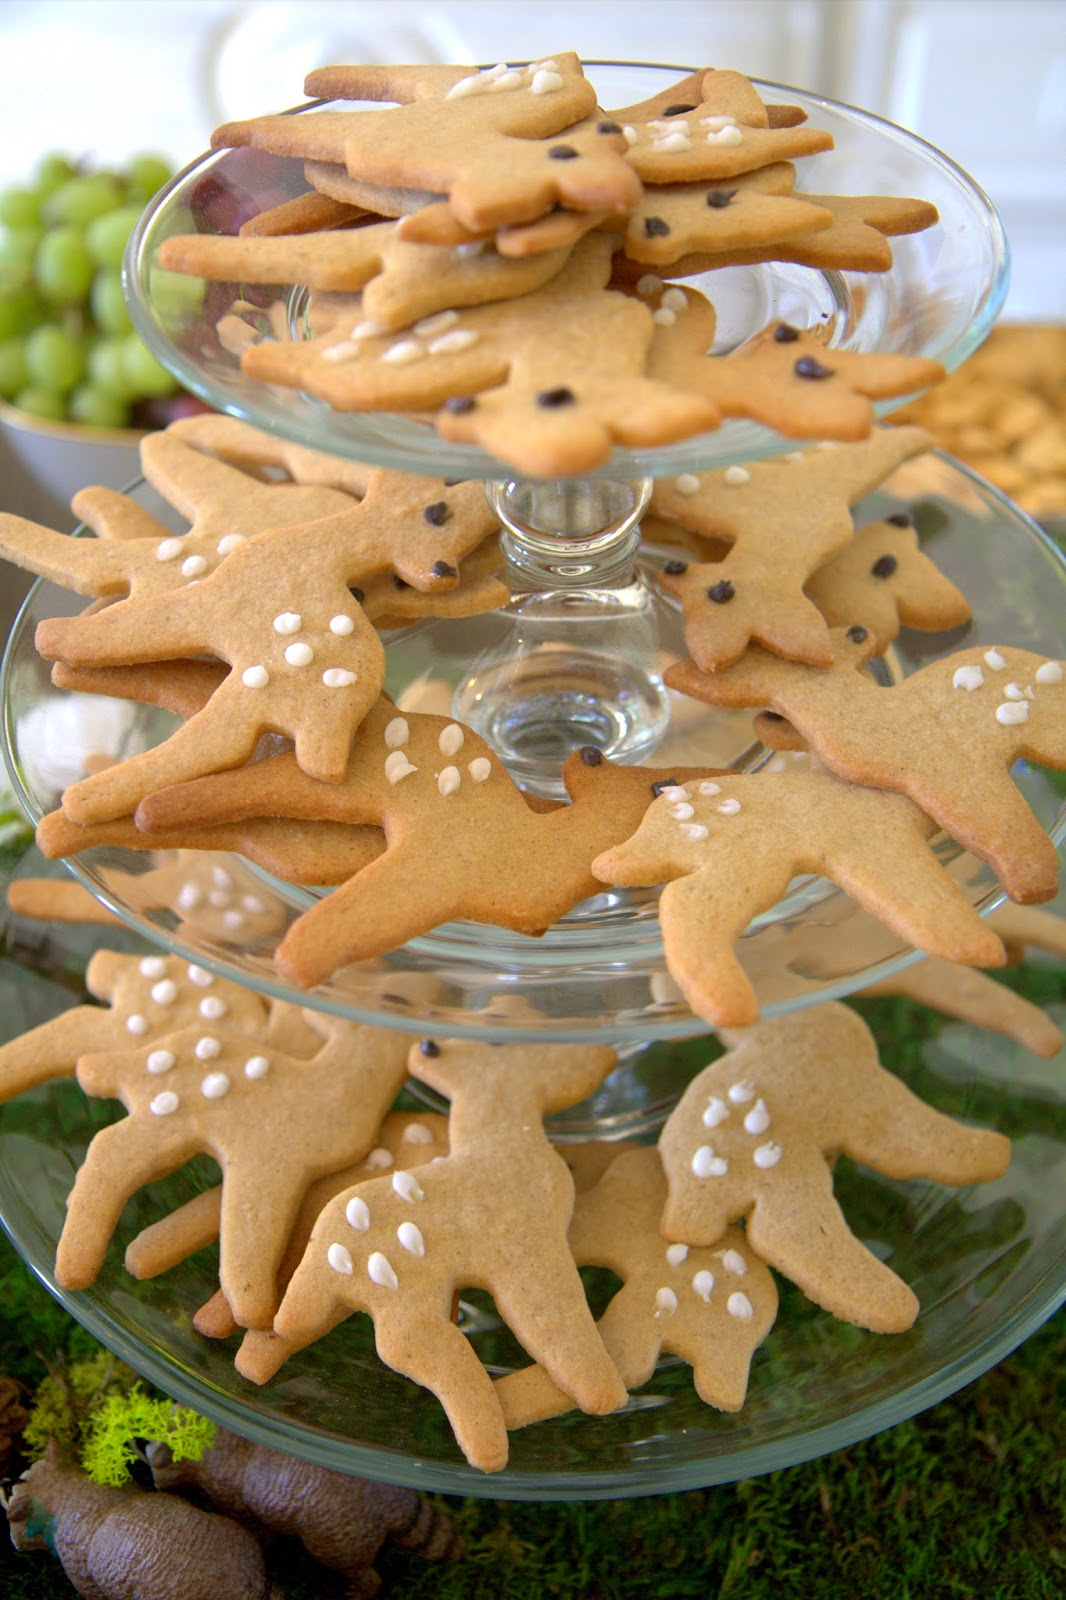 Woodland Party; Deer cookies; dessert, party food: Nora's Nest